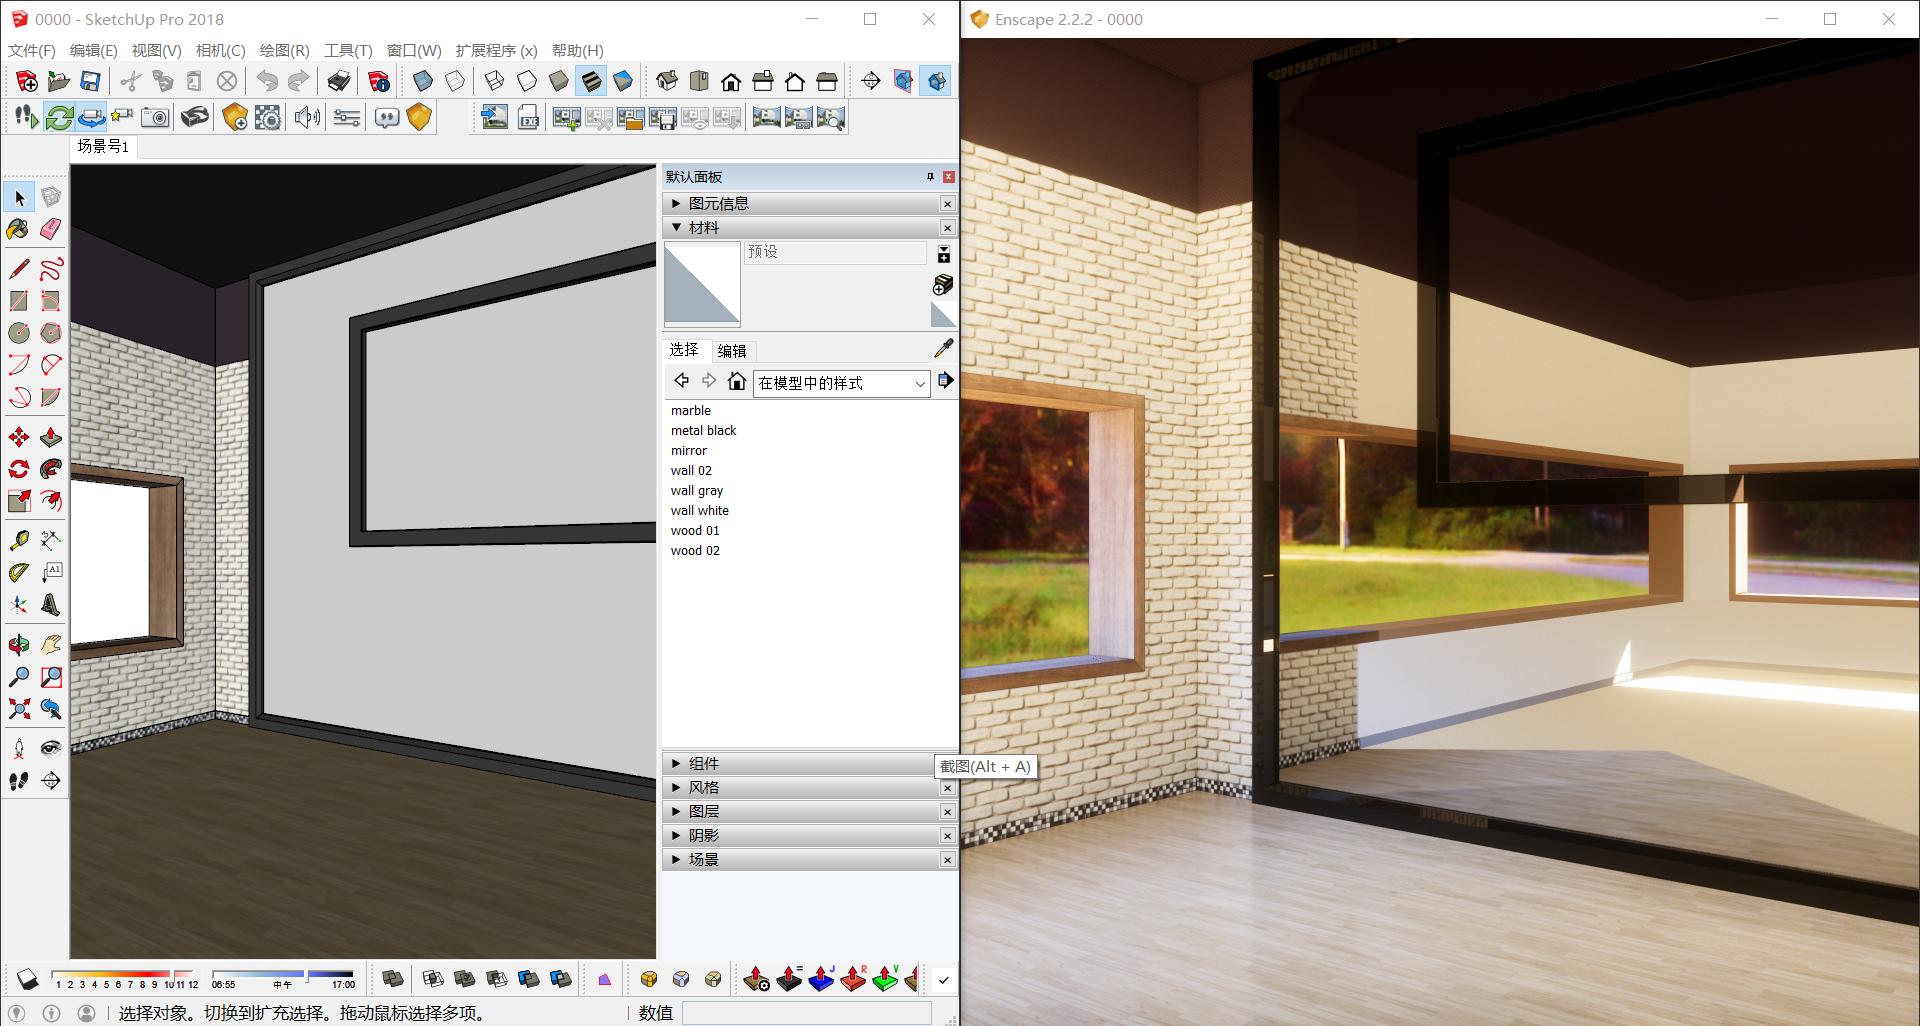 sketchup textures index